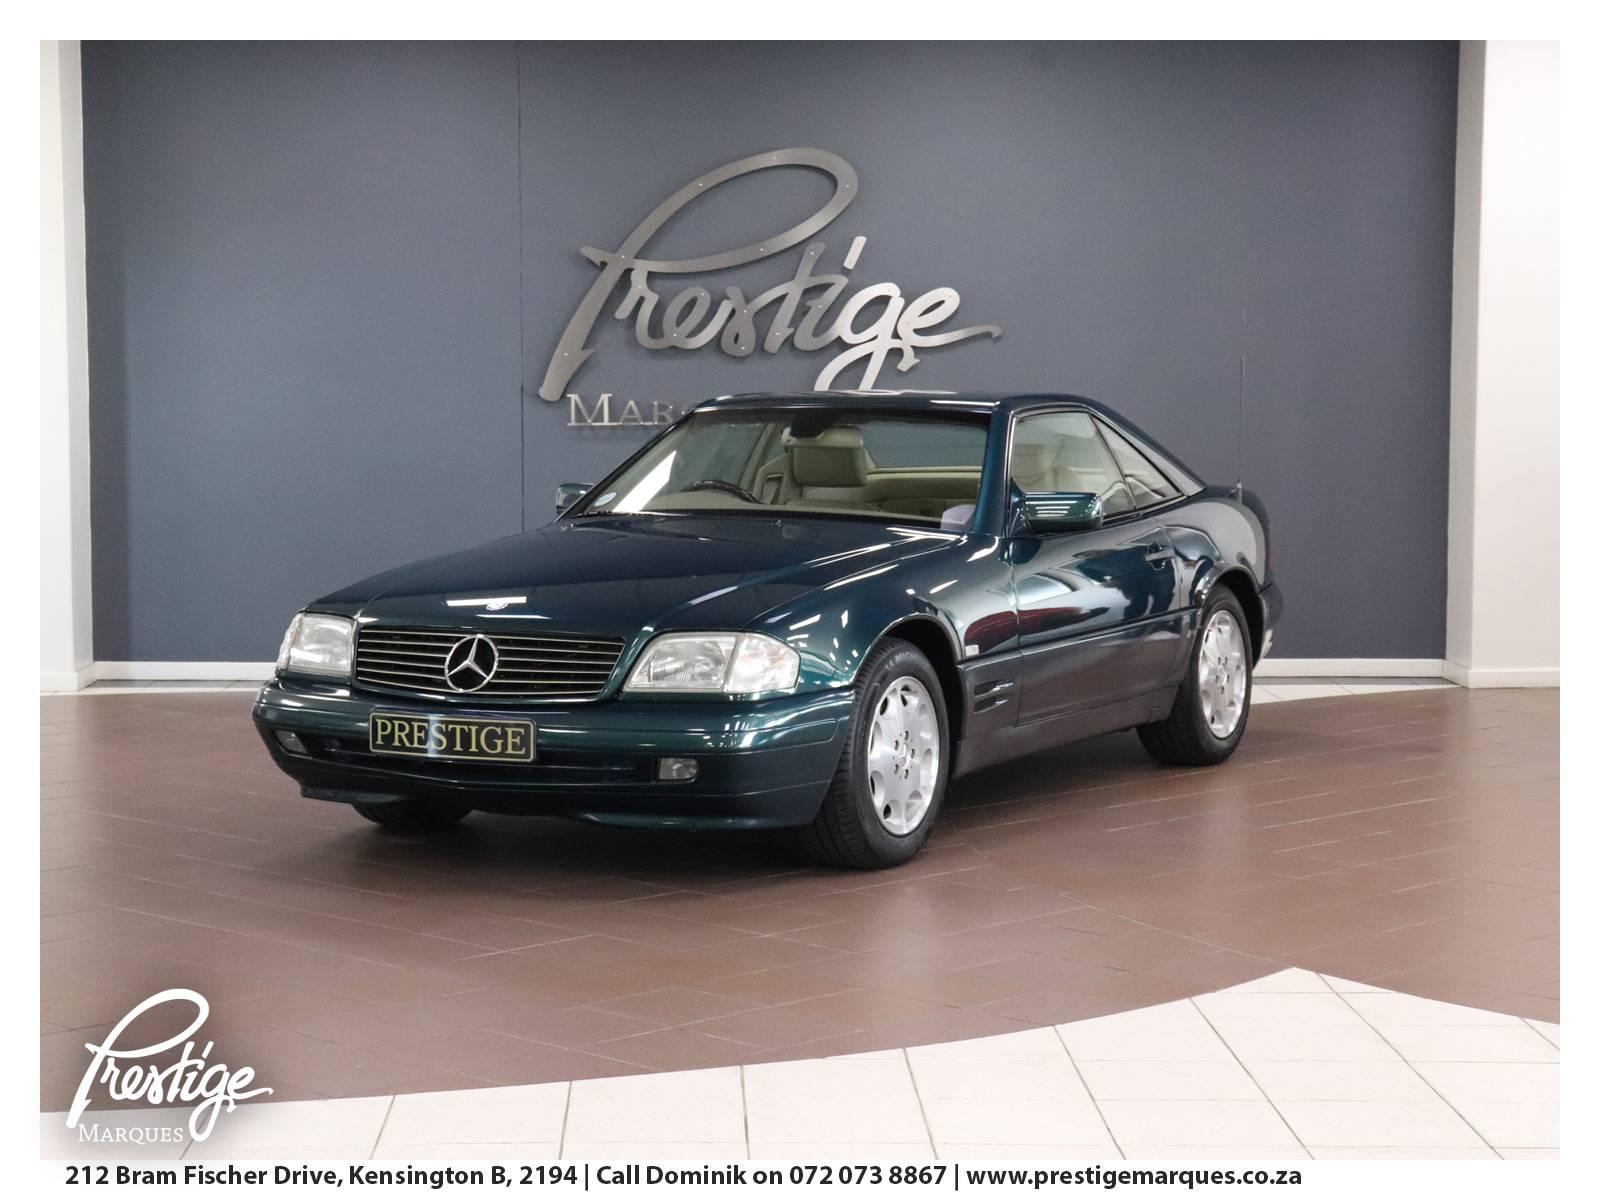 1998-Mercedes-Benz-SL-320-Prestige-Marques-Randburg-Sandton-8